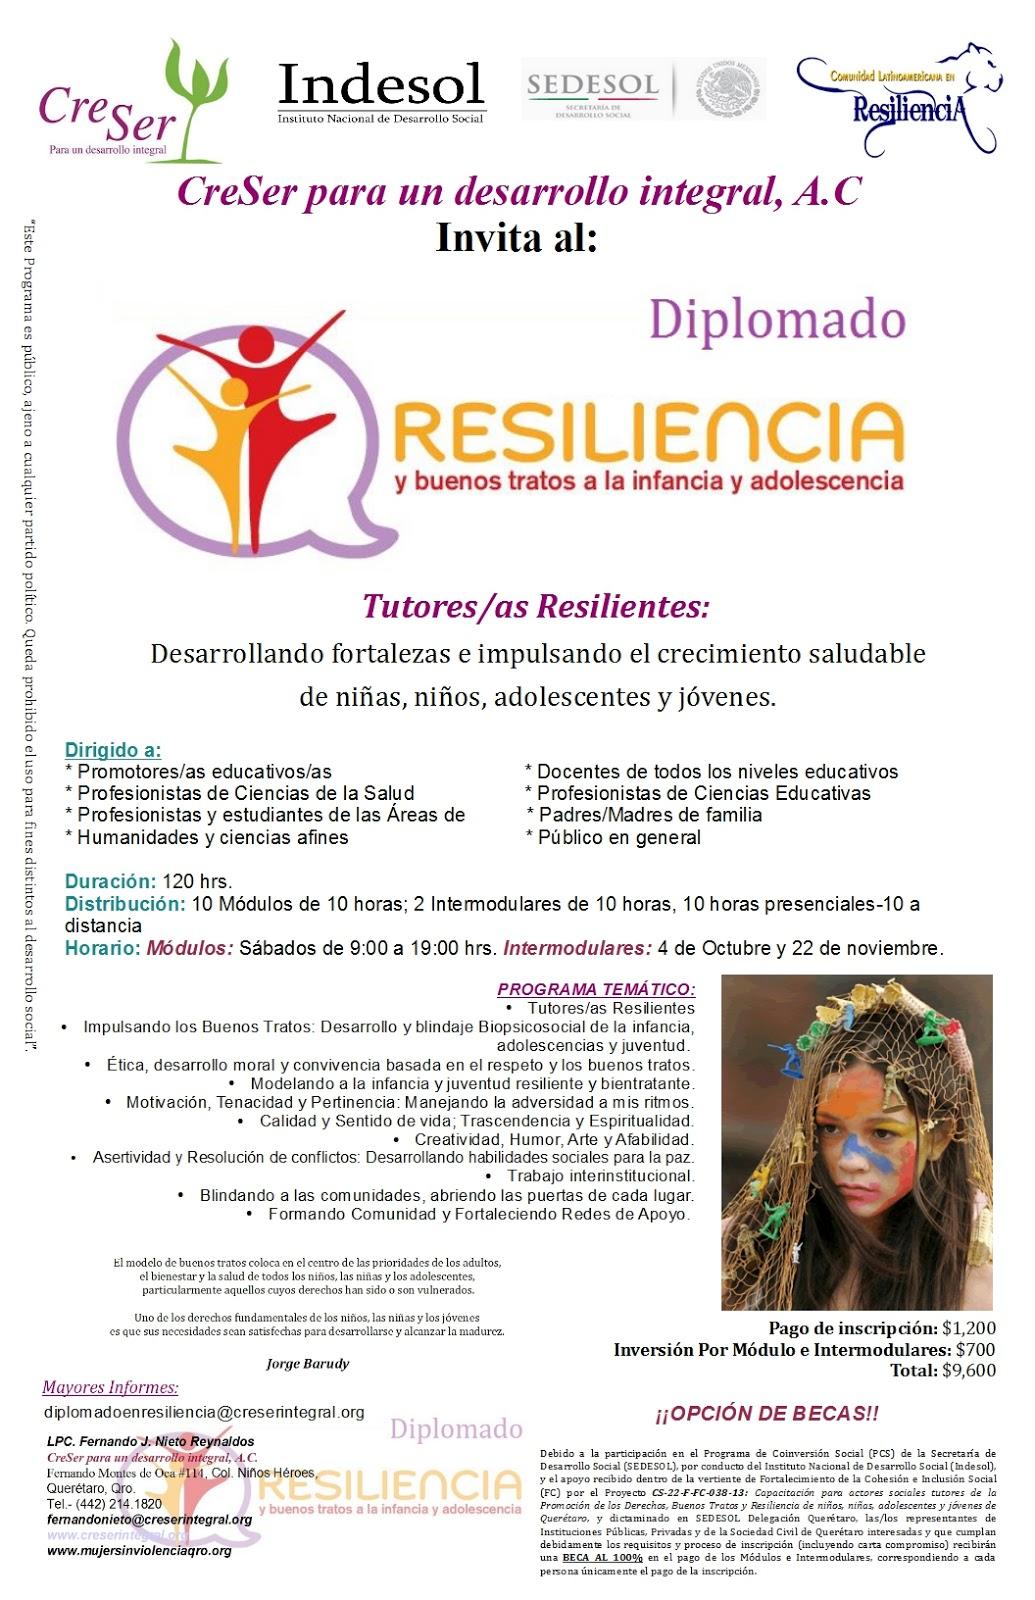 Comunidad Latinoamericana En Resiliencia Diplomado